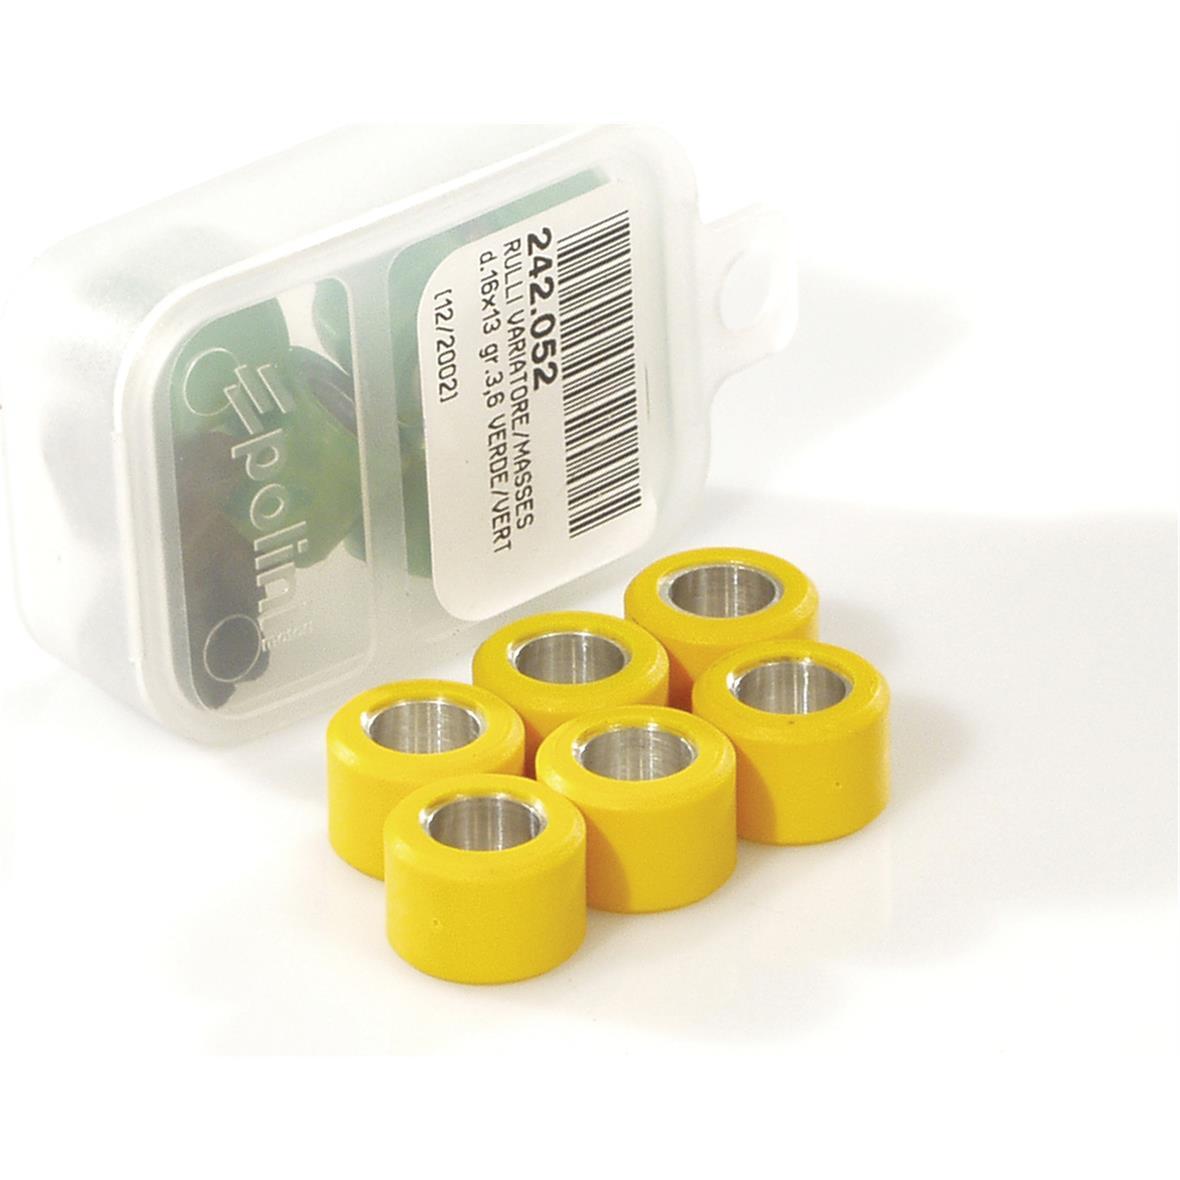 Productafbeelding voor 'Variateur Rollen POLINI 15x12 mm 4,1 gramTitle'